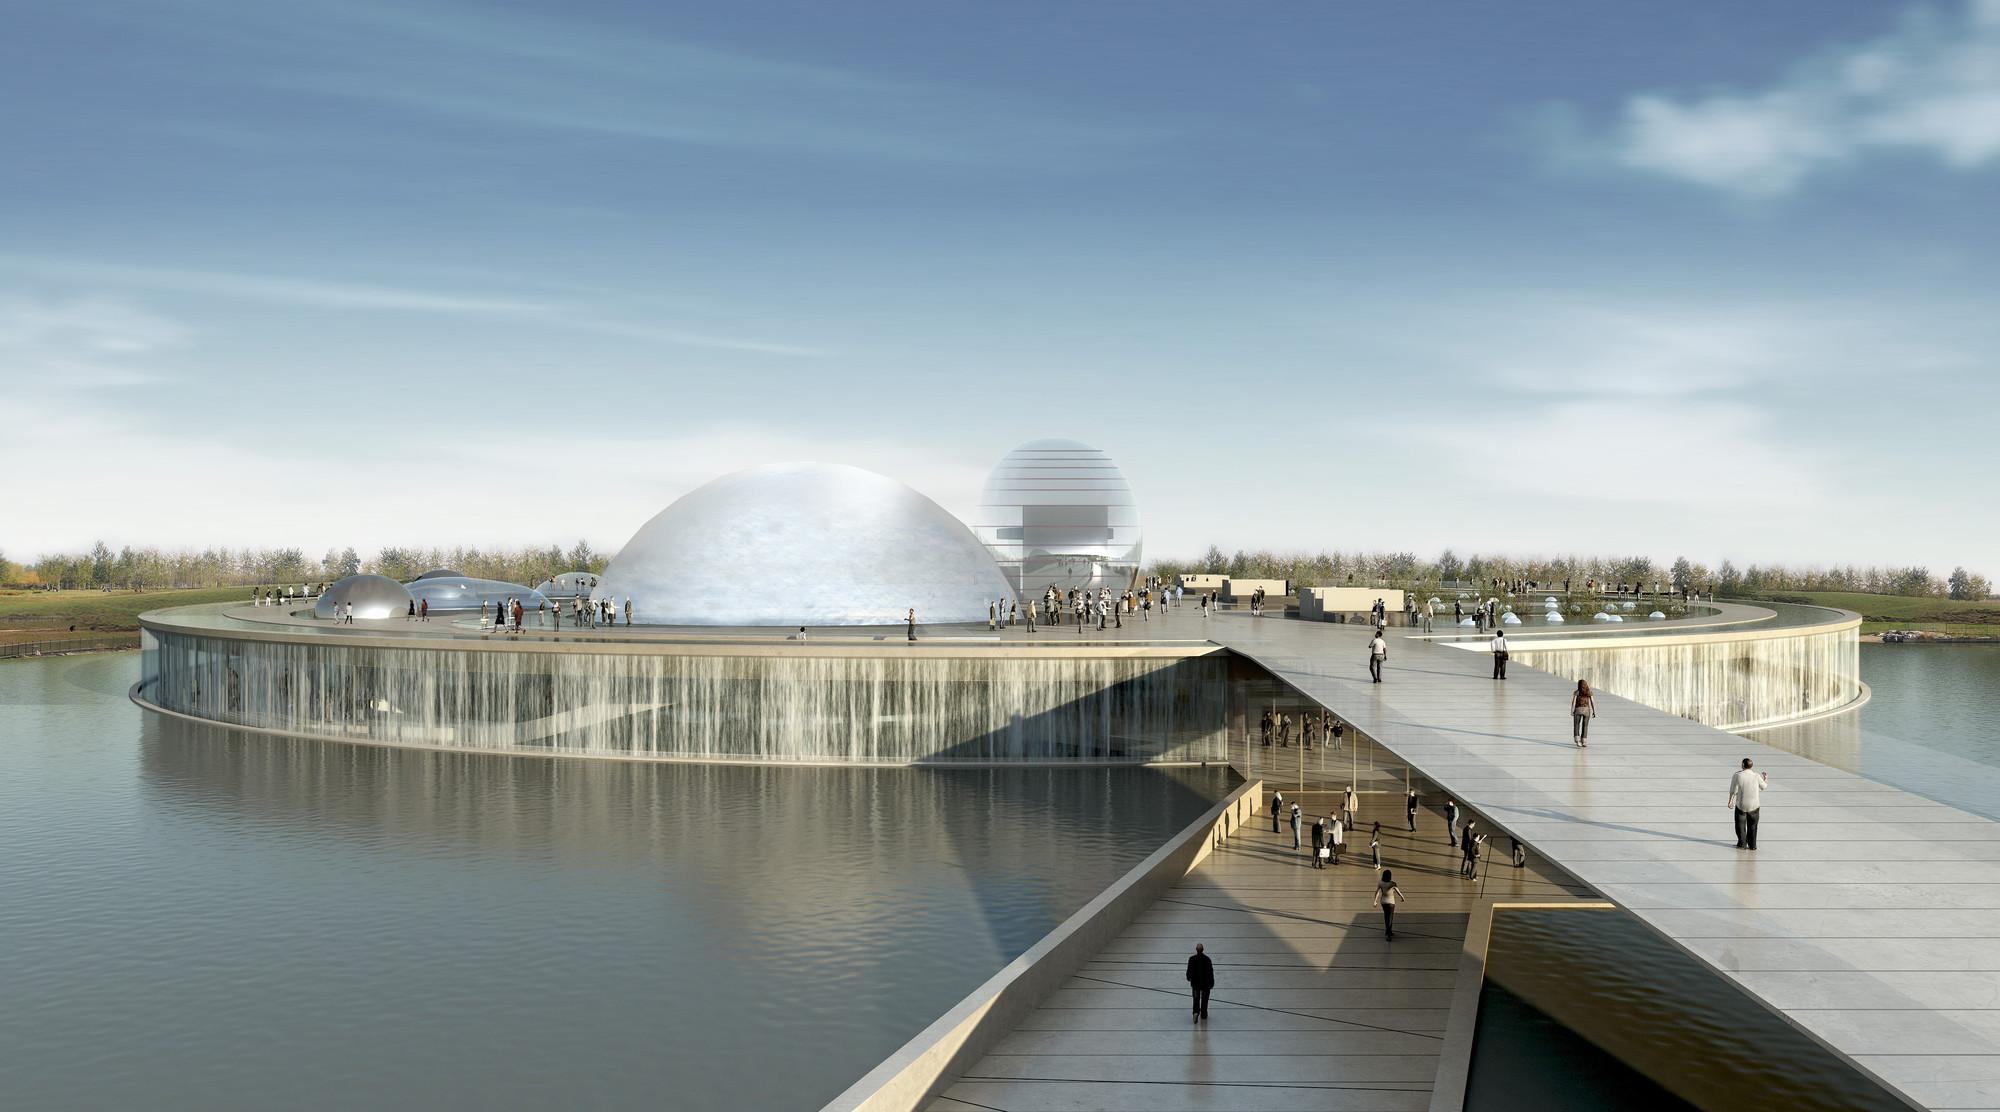 Museo de Ciencia y Tecnología en Beijing / BL/KLM Architects + BIAD, © Atelier Federico Raponi